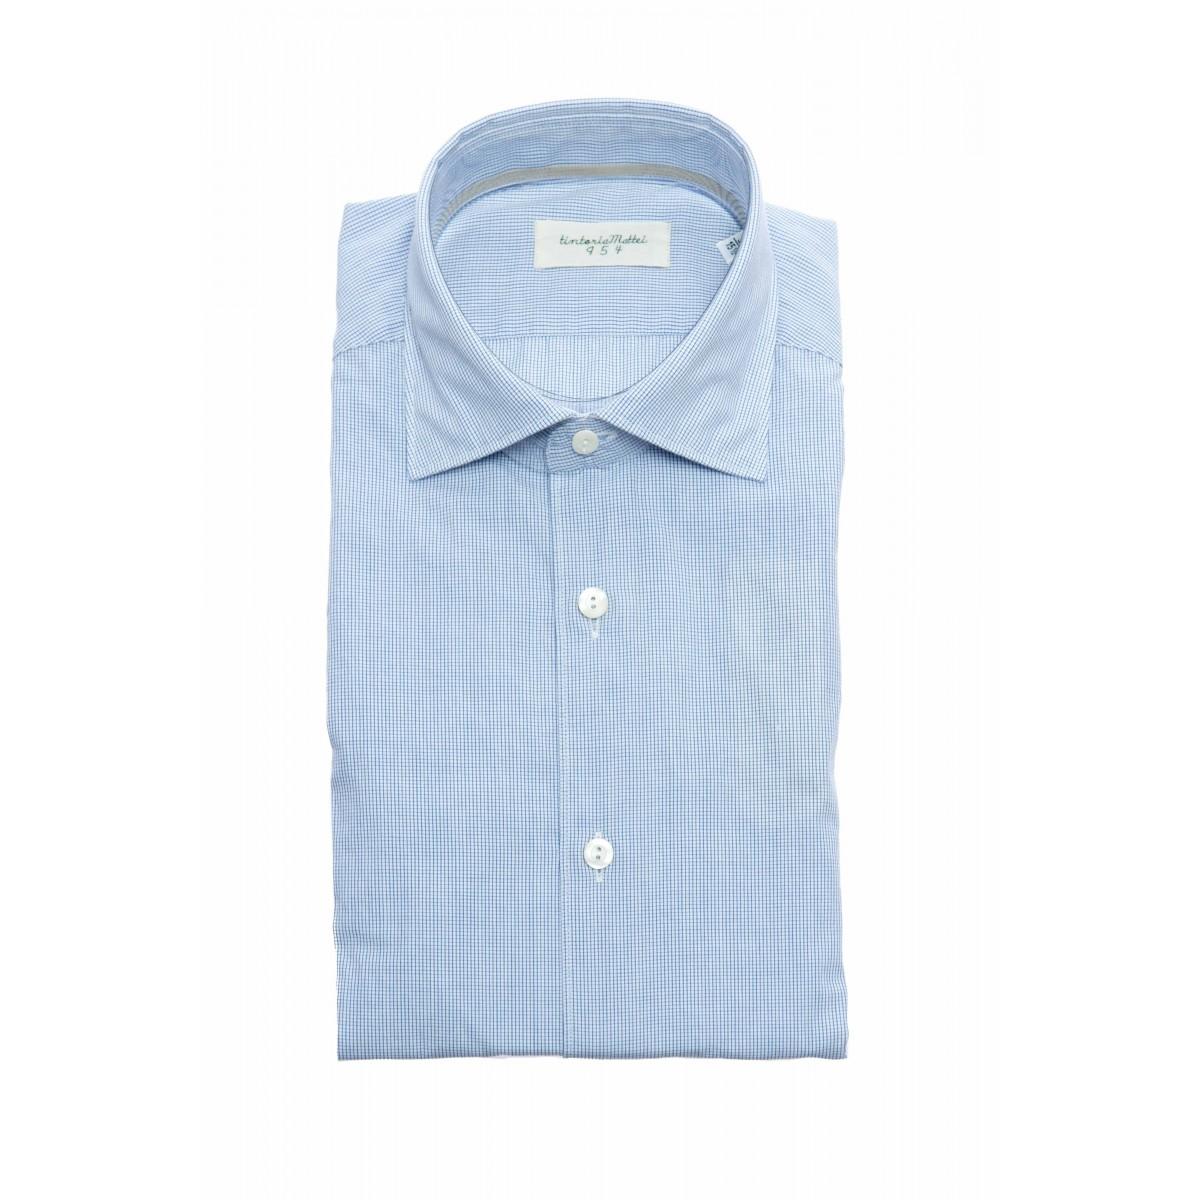 Camicia uomo - Ad0 njw camicia slim riga